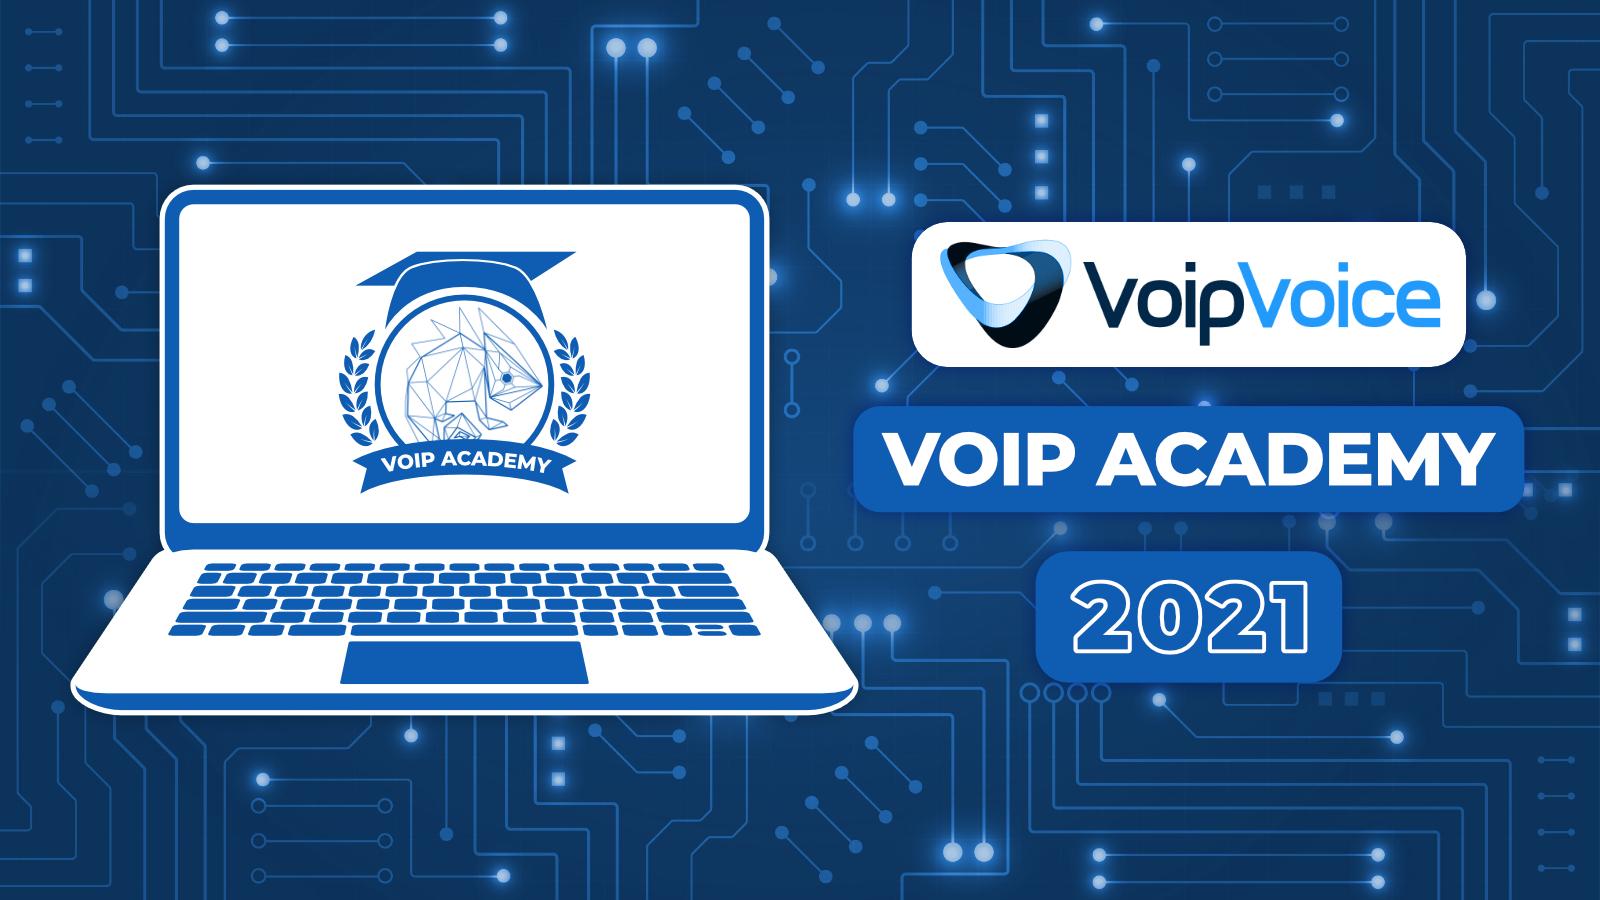 VoIP Academy Web Edition | La formazione professionale di VoipVoice